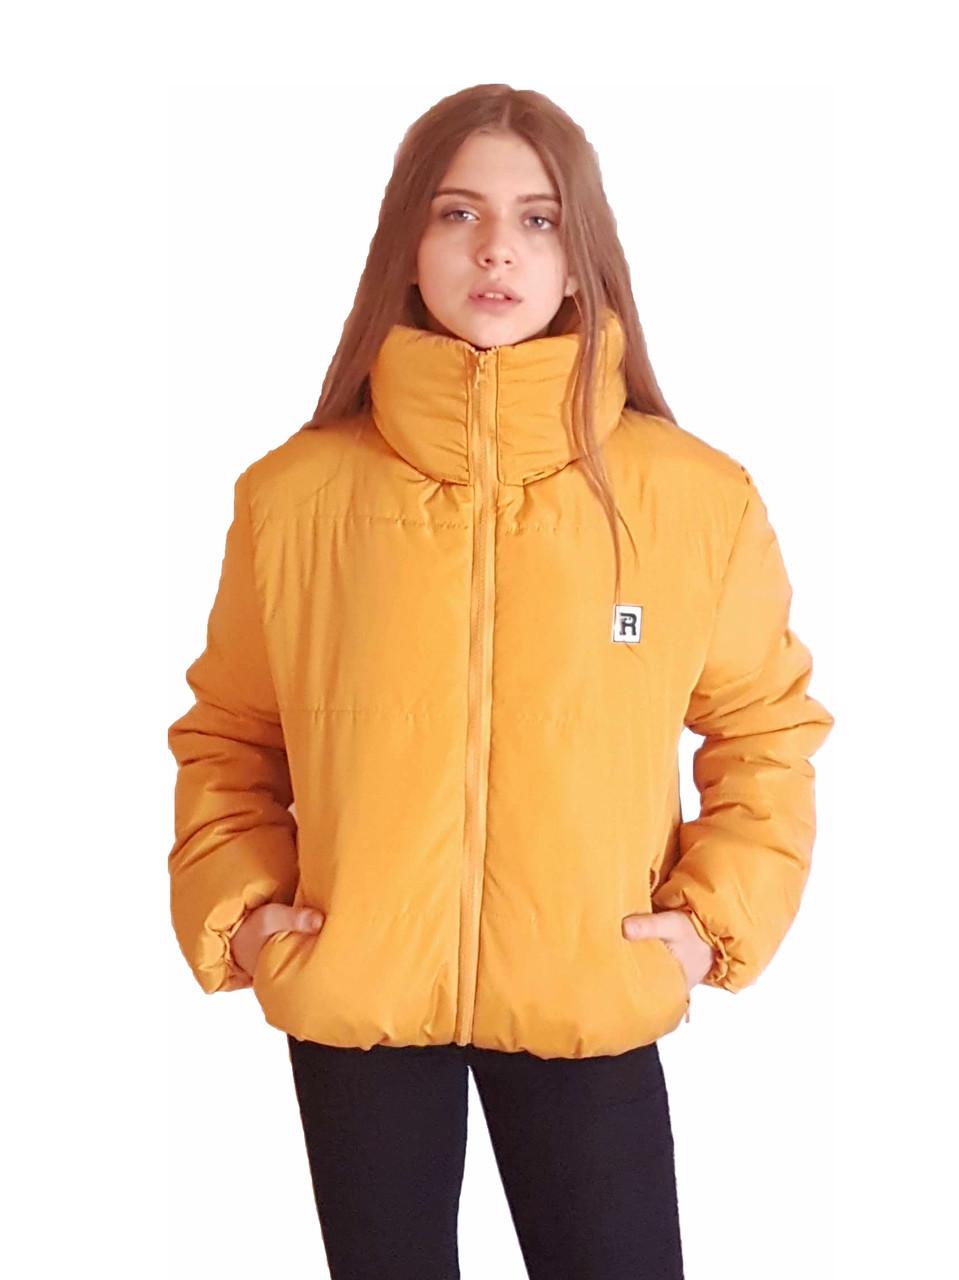 Коротка зимова дута куртка з капюшоном, жовто-гірчичного кольору, 42 - 48